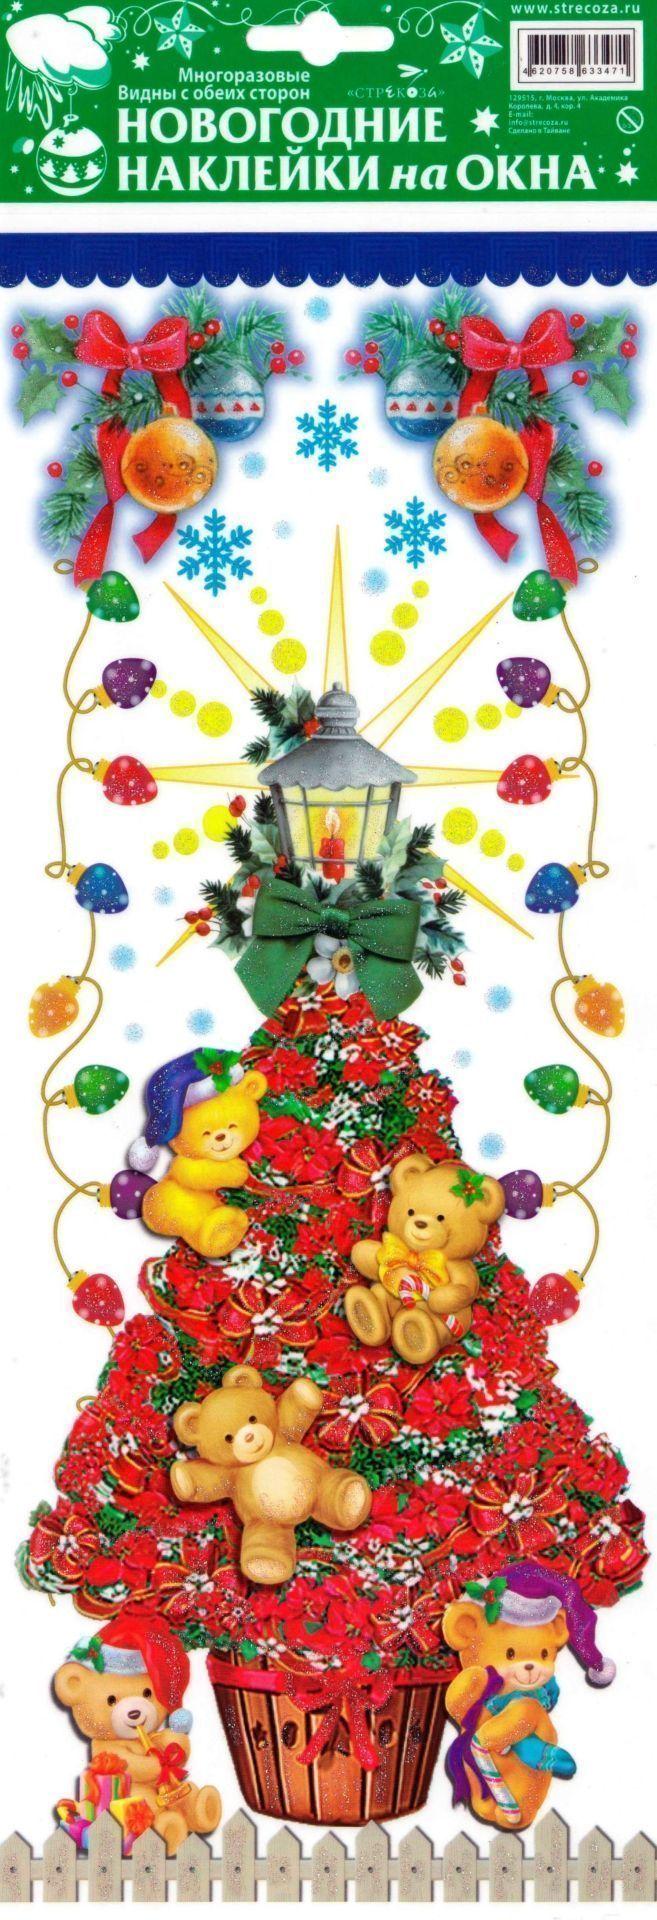 Новогодние наклейки на окна Медвежата на красной елкеНаклейки, украшения предметов интерьера<br>Оконное украшение поможет вам украсить свой дом к предстоящим праздникам. Цветные изображения нанесены на прозрачную клейкую пленку. Декорировано глиттером (блёстками). Крепится к гладкой поверхности стекла посредством статического эффекта.С помощью таких...<br><br>Год: 2016<br>Высота: 415<br>Ширина: 150<br>Толщина: 1